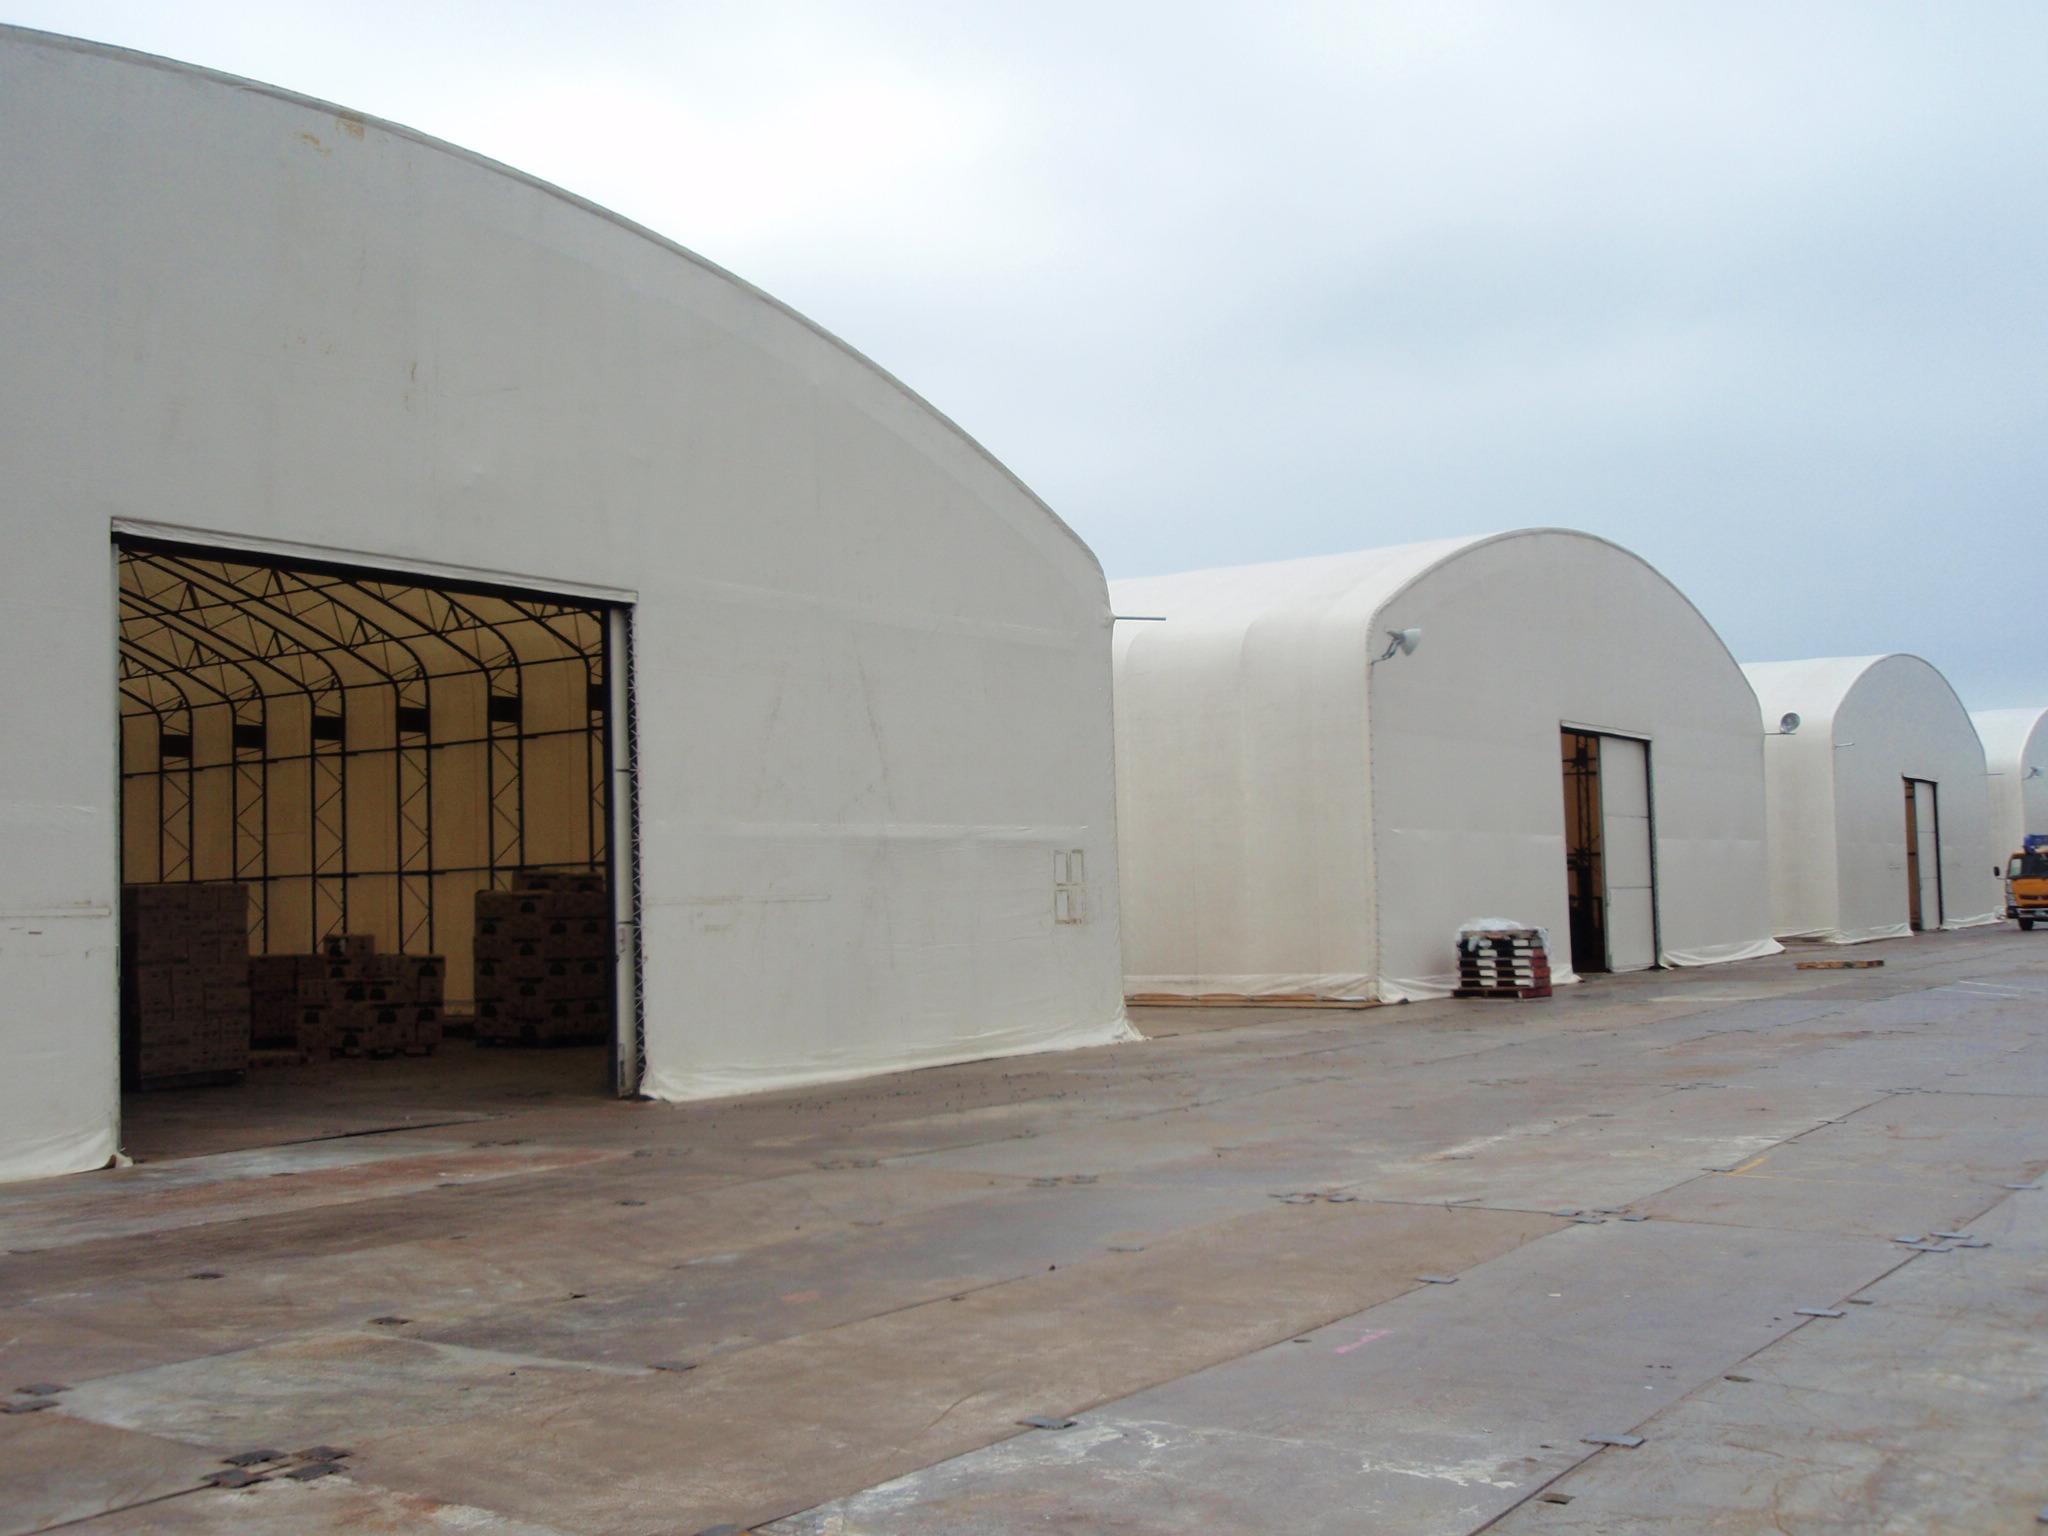 導入事例004:固定式テント倉庫イメージ